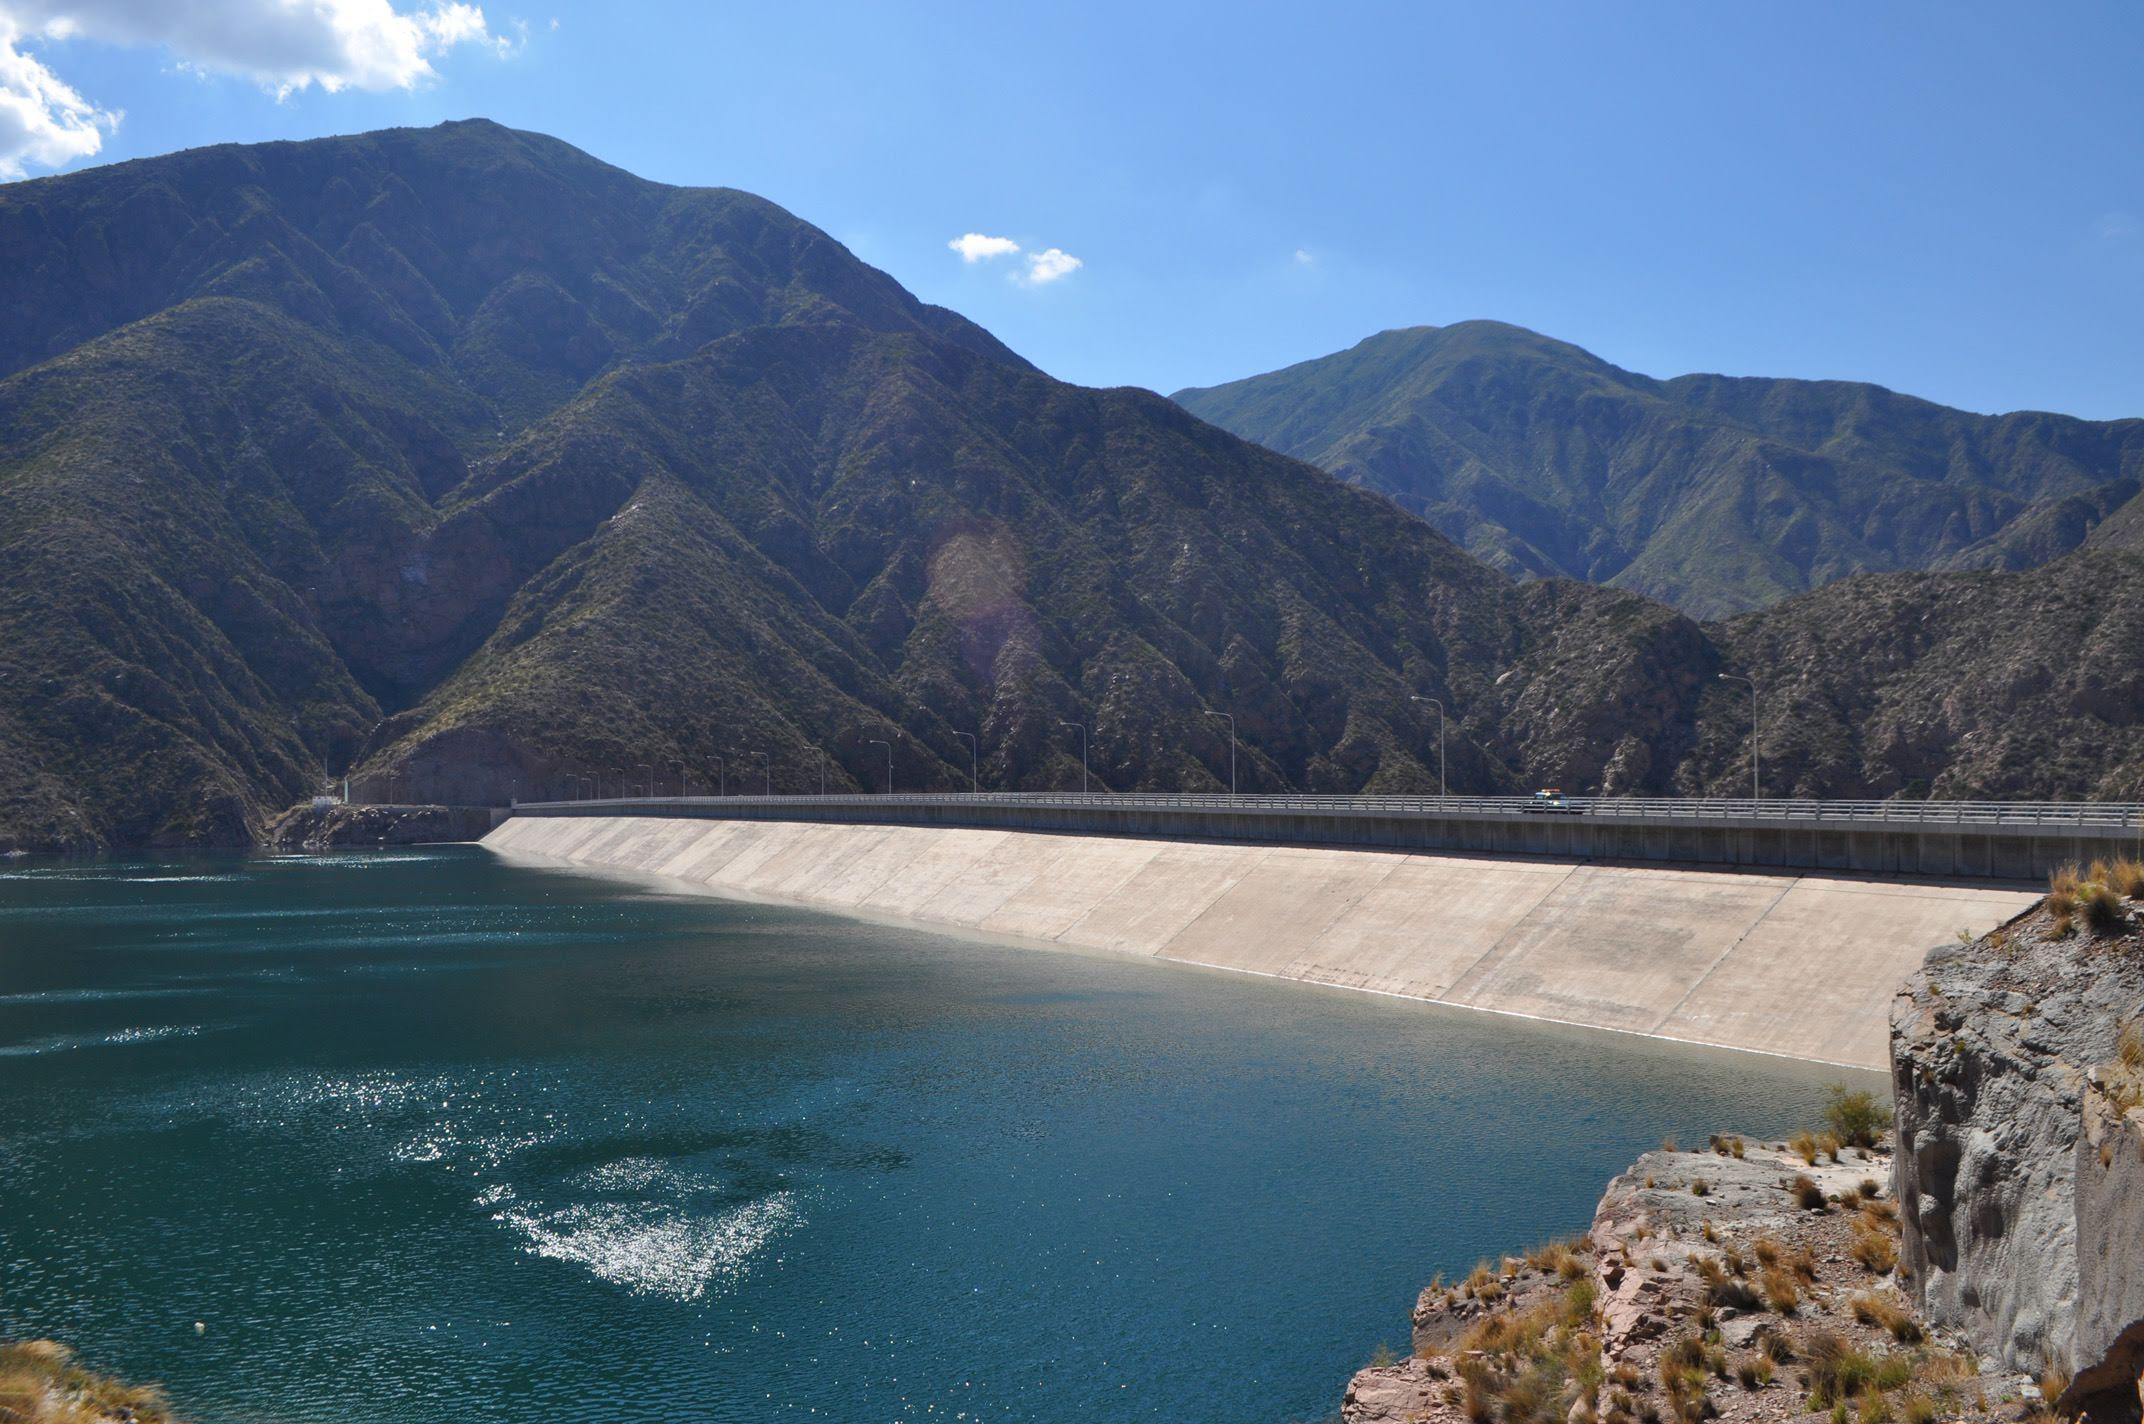 Ya podés descargar y pintar los mejores paisajes hídricos de Mendoza